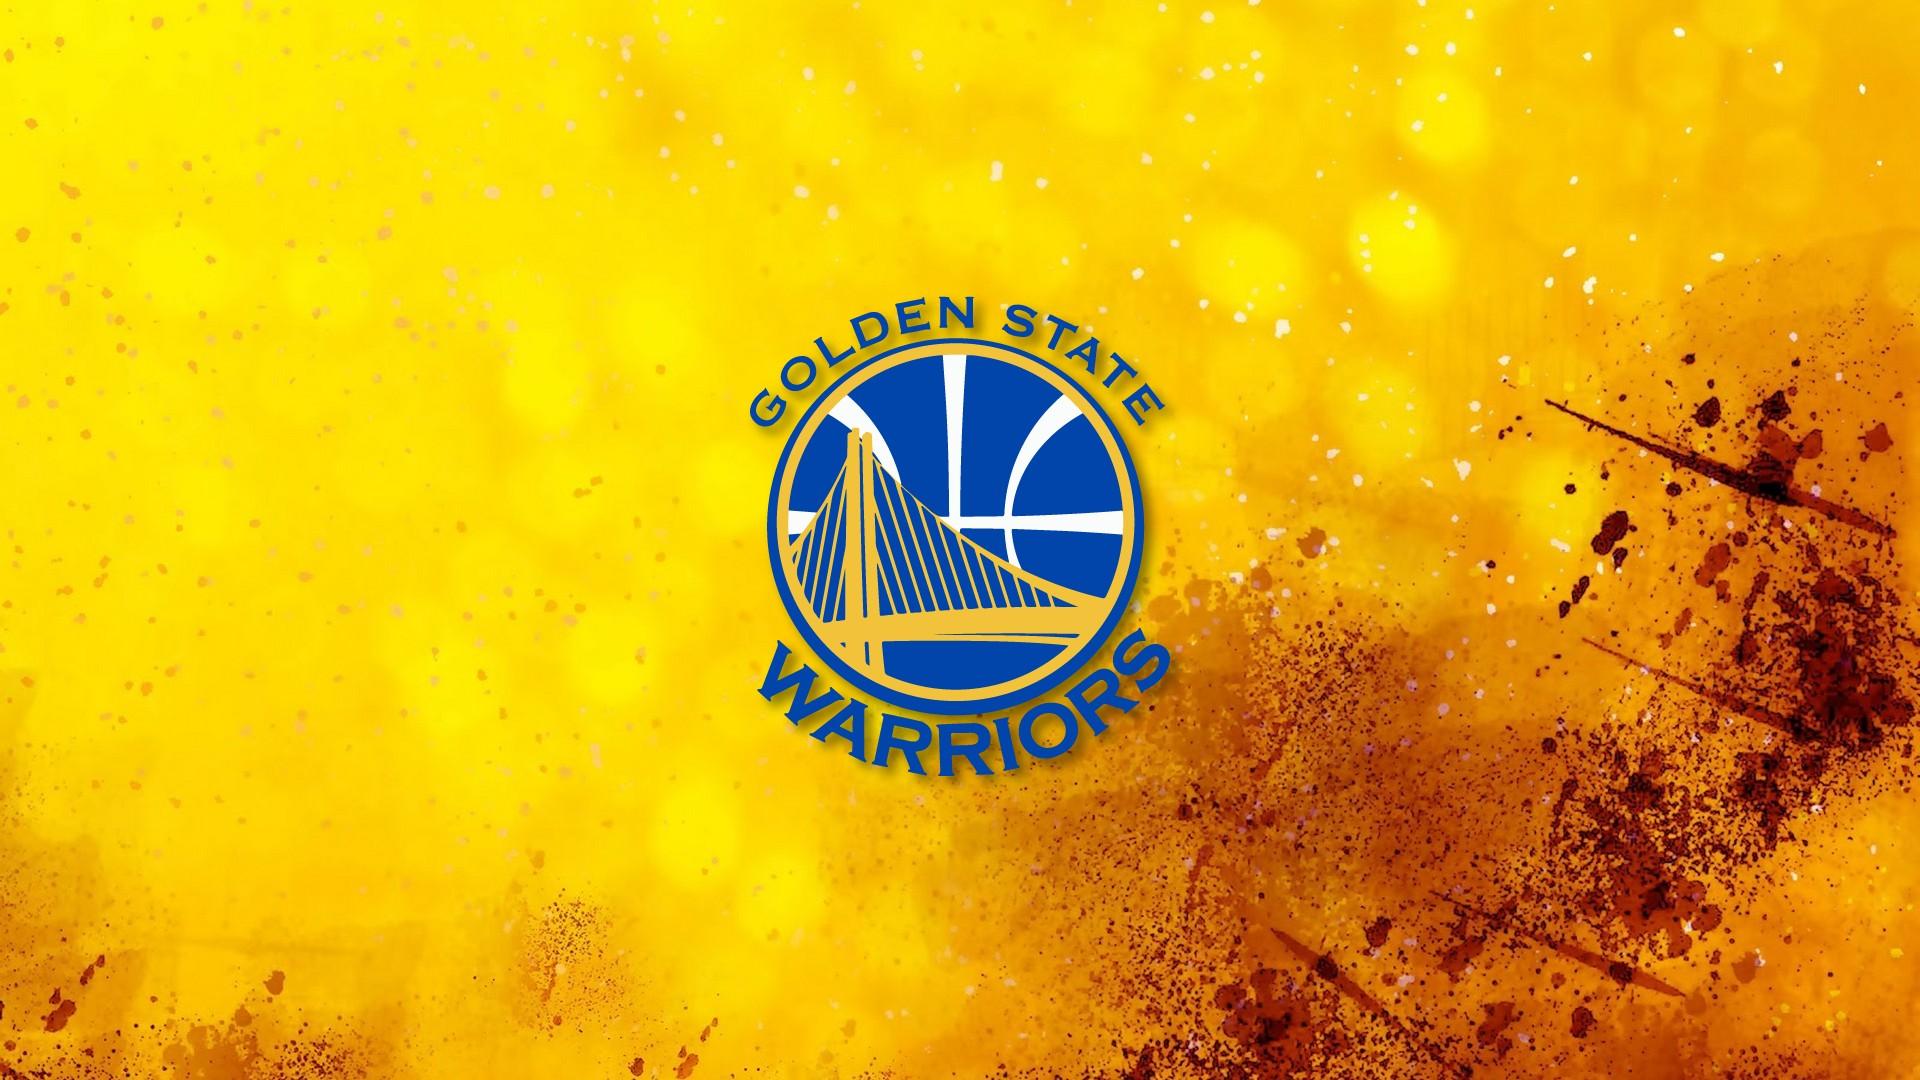 HD Desktop Wallpaper Golden State Warriors NBA 2019 Basketball 1920x1080